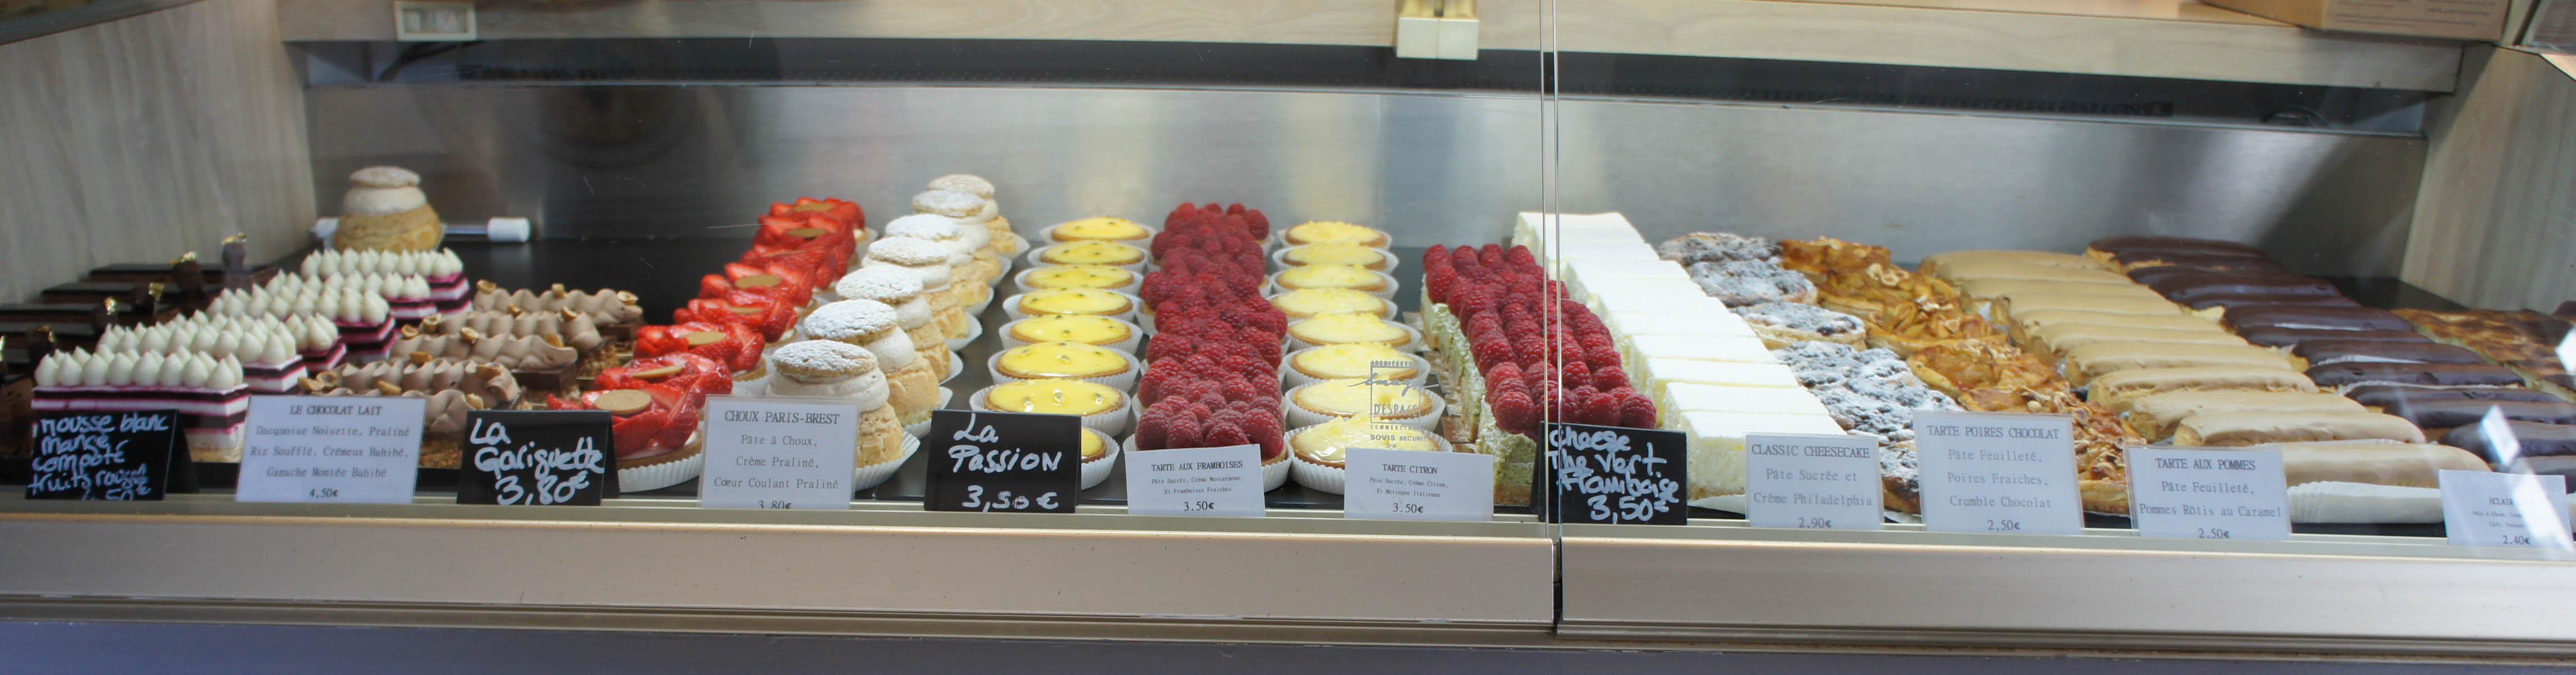 Pâtisseries, Boulangerie Utopie, Paris 11è